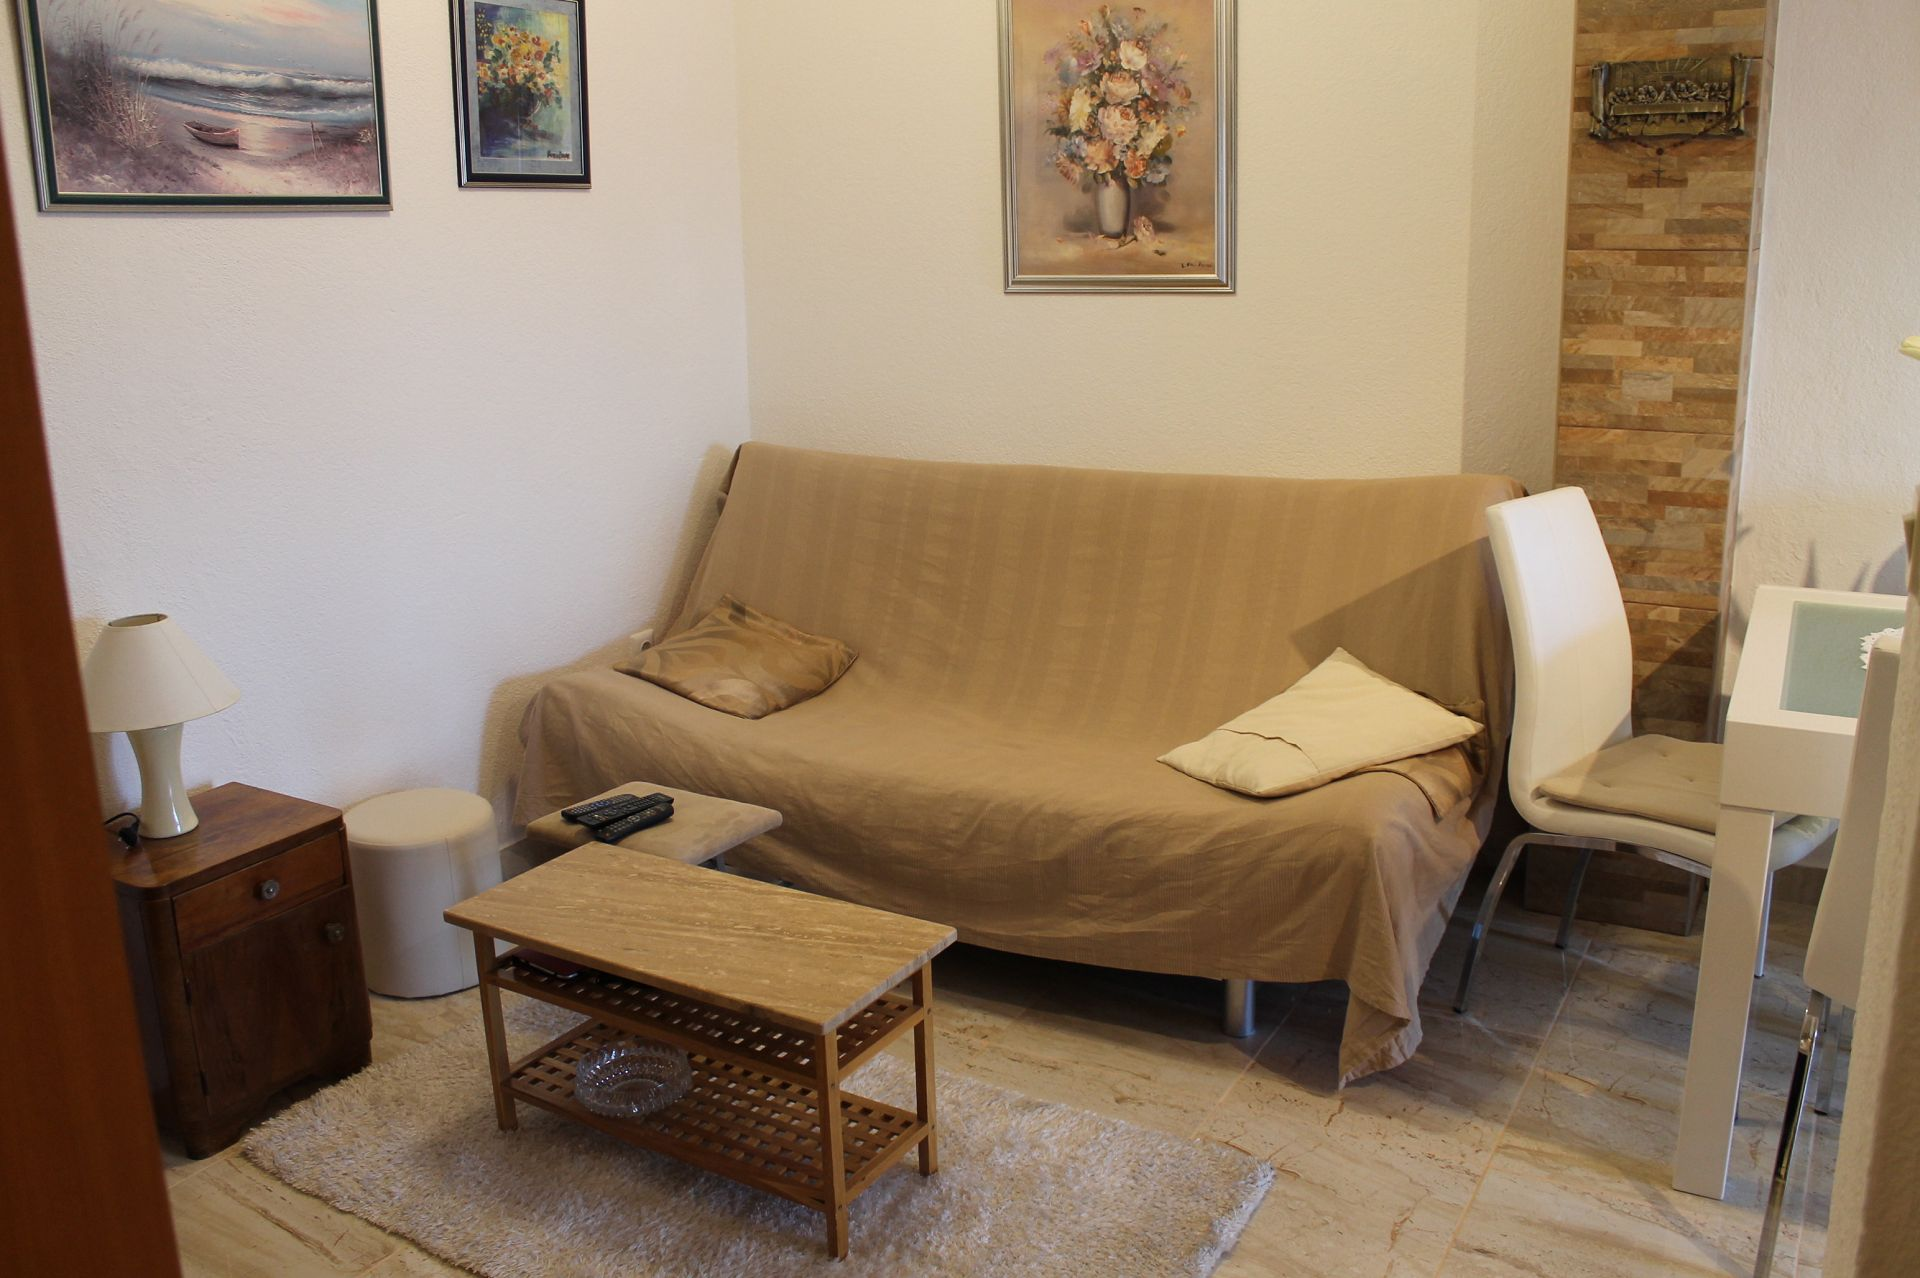 5257  - Pisak - Ferienwohnungen Kroatien - A2 PRIZEMLJE (3+2): Tagesaufenthaltsraum